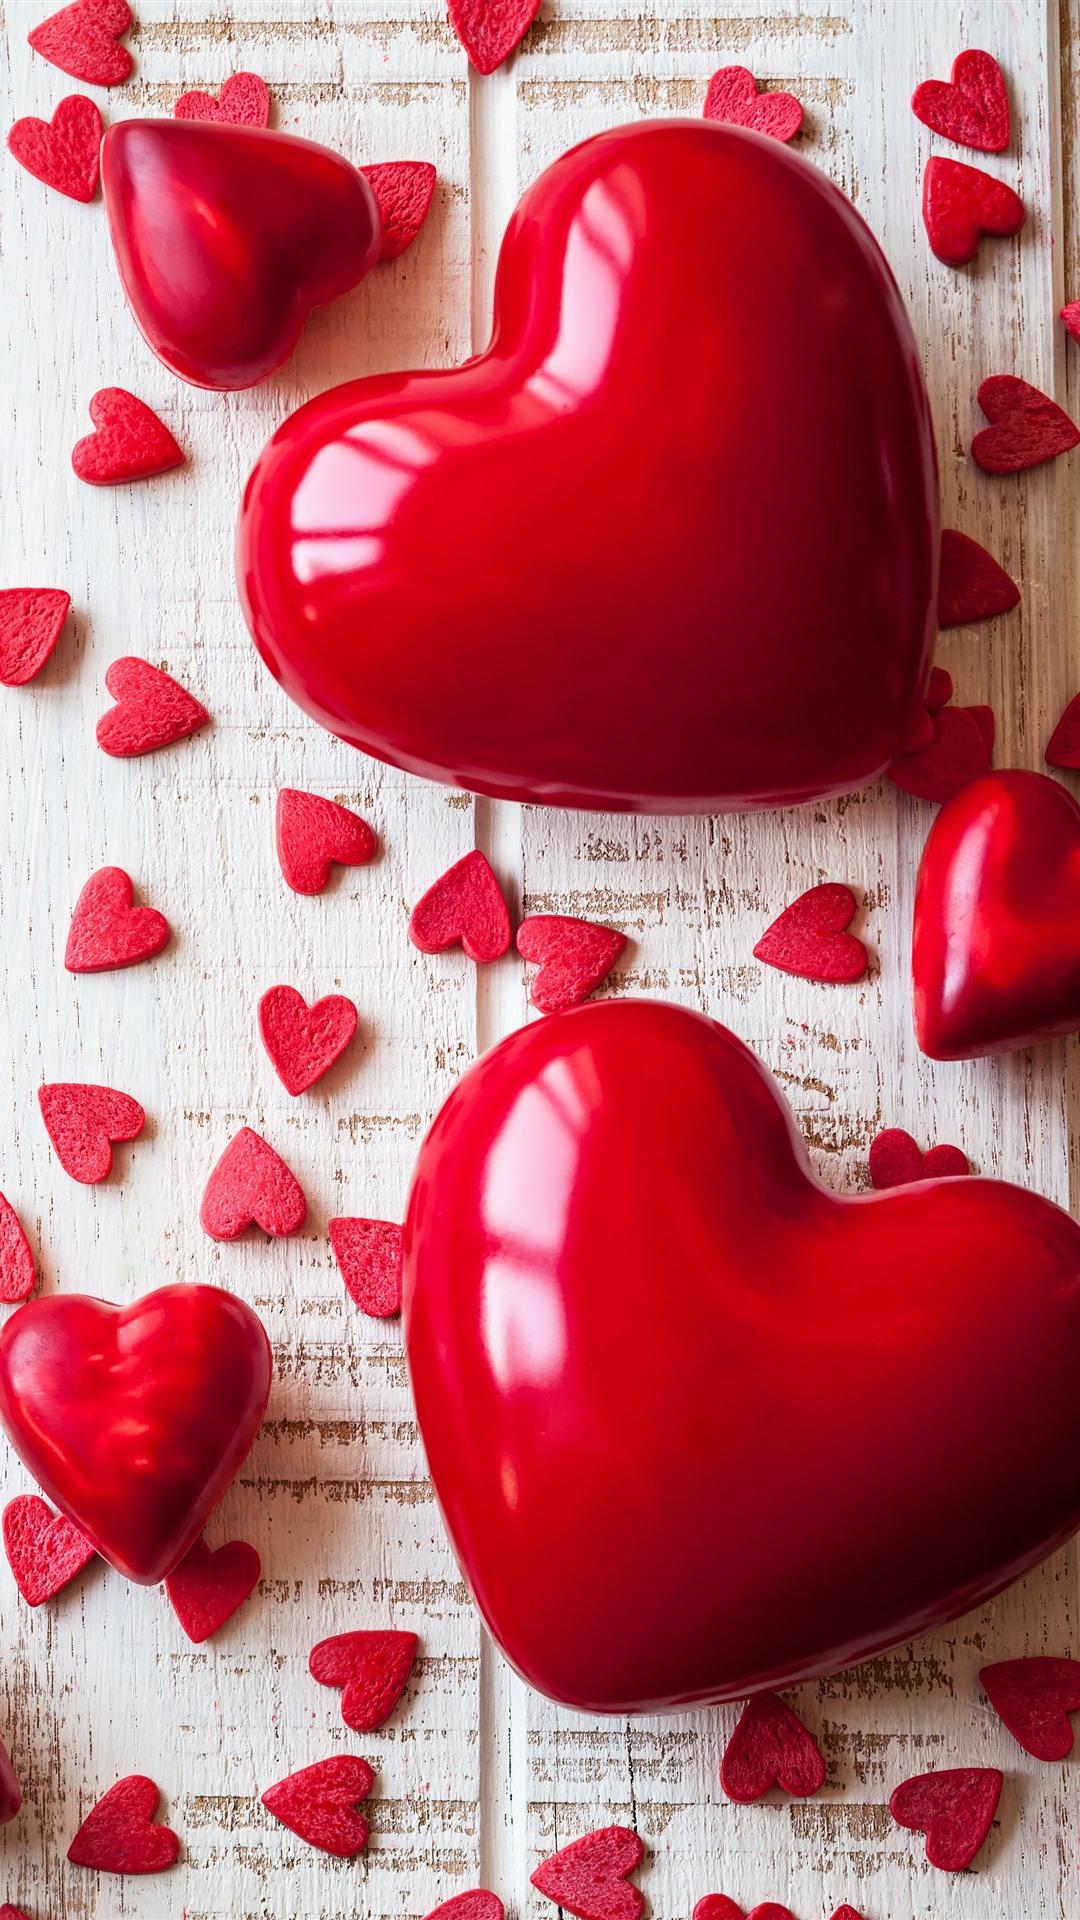 Красивые любовные сердечки картинки